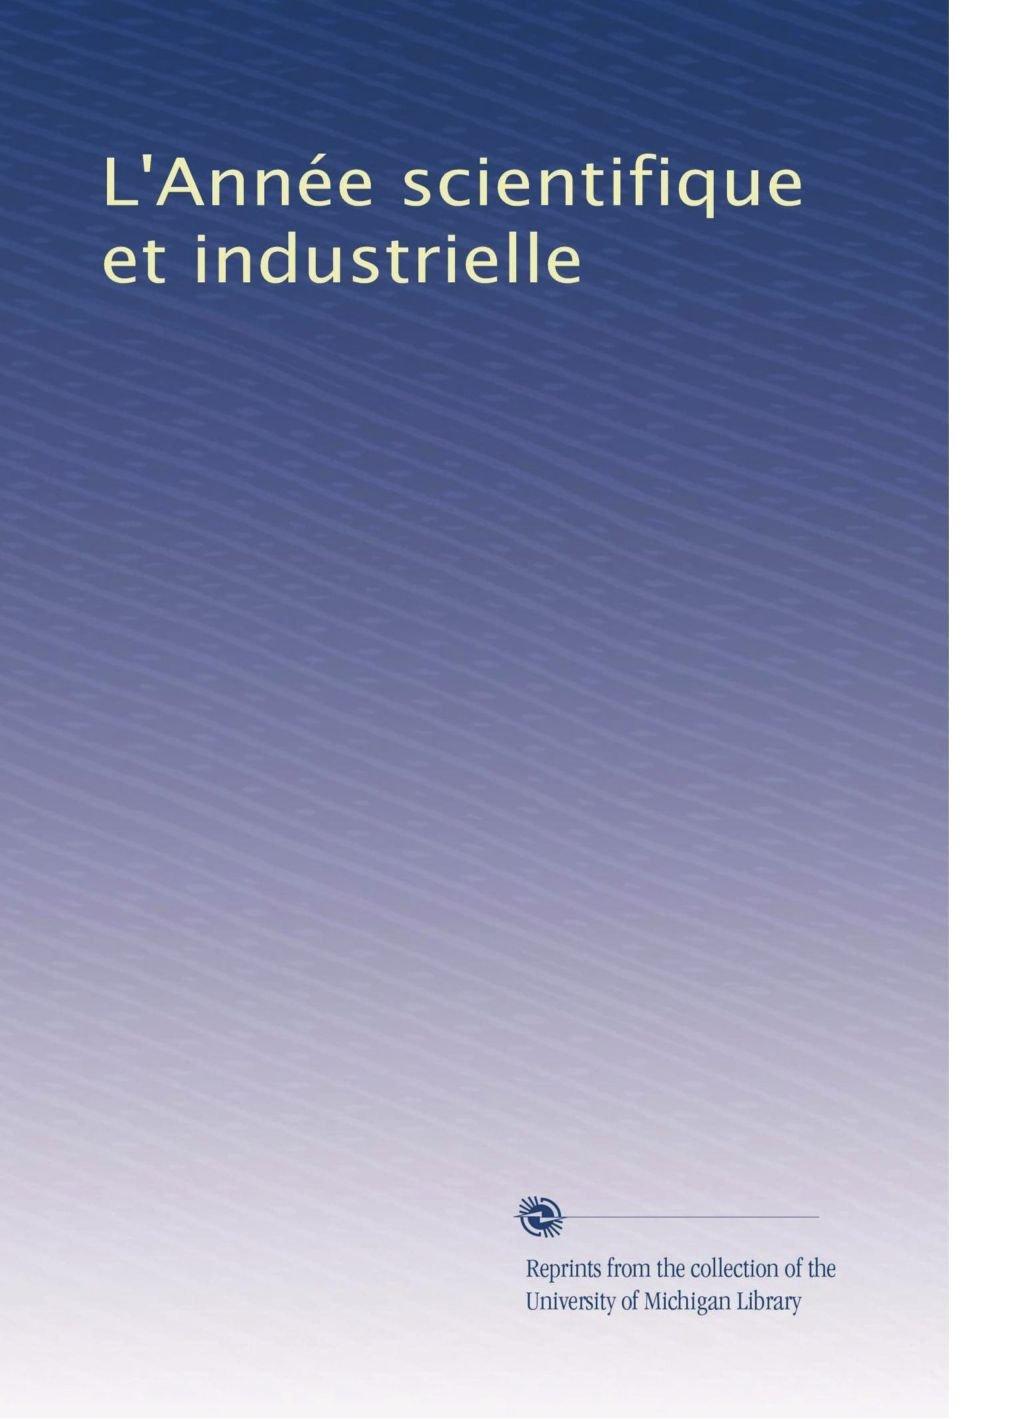 L'Année scientifique et industrielle (French Edition) ebook